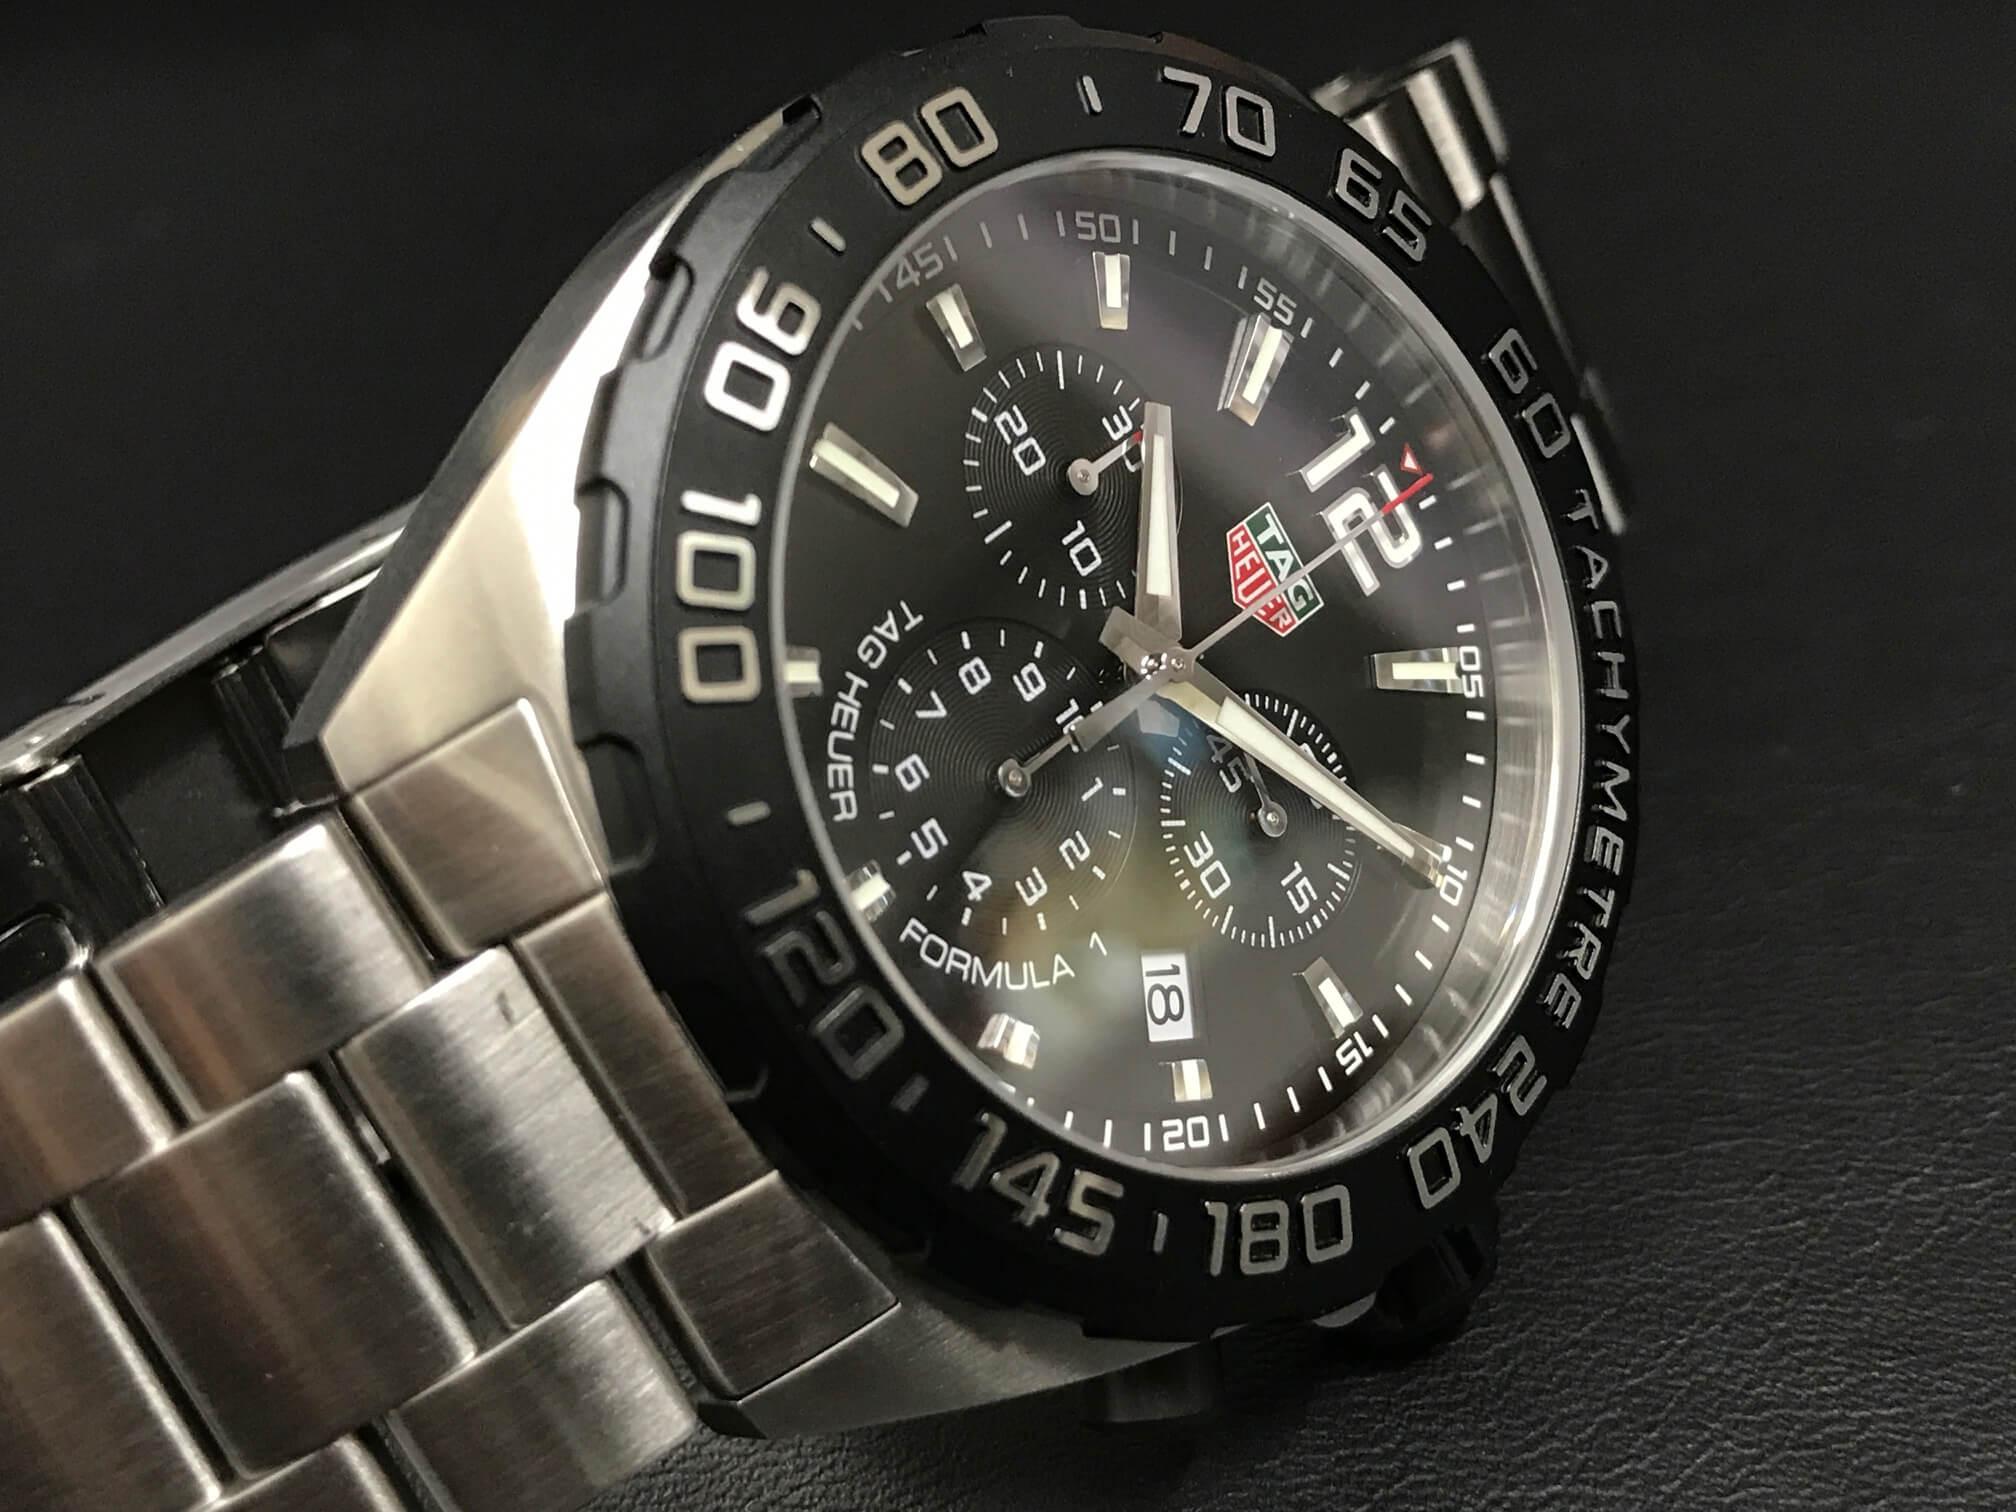 精光堂 -SEIKODO- 輸入時計正規販売・高品質ダイヤモンド専門店フォーミュラ1 クロノグラフ CAZ1010.BA0842